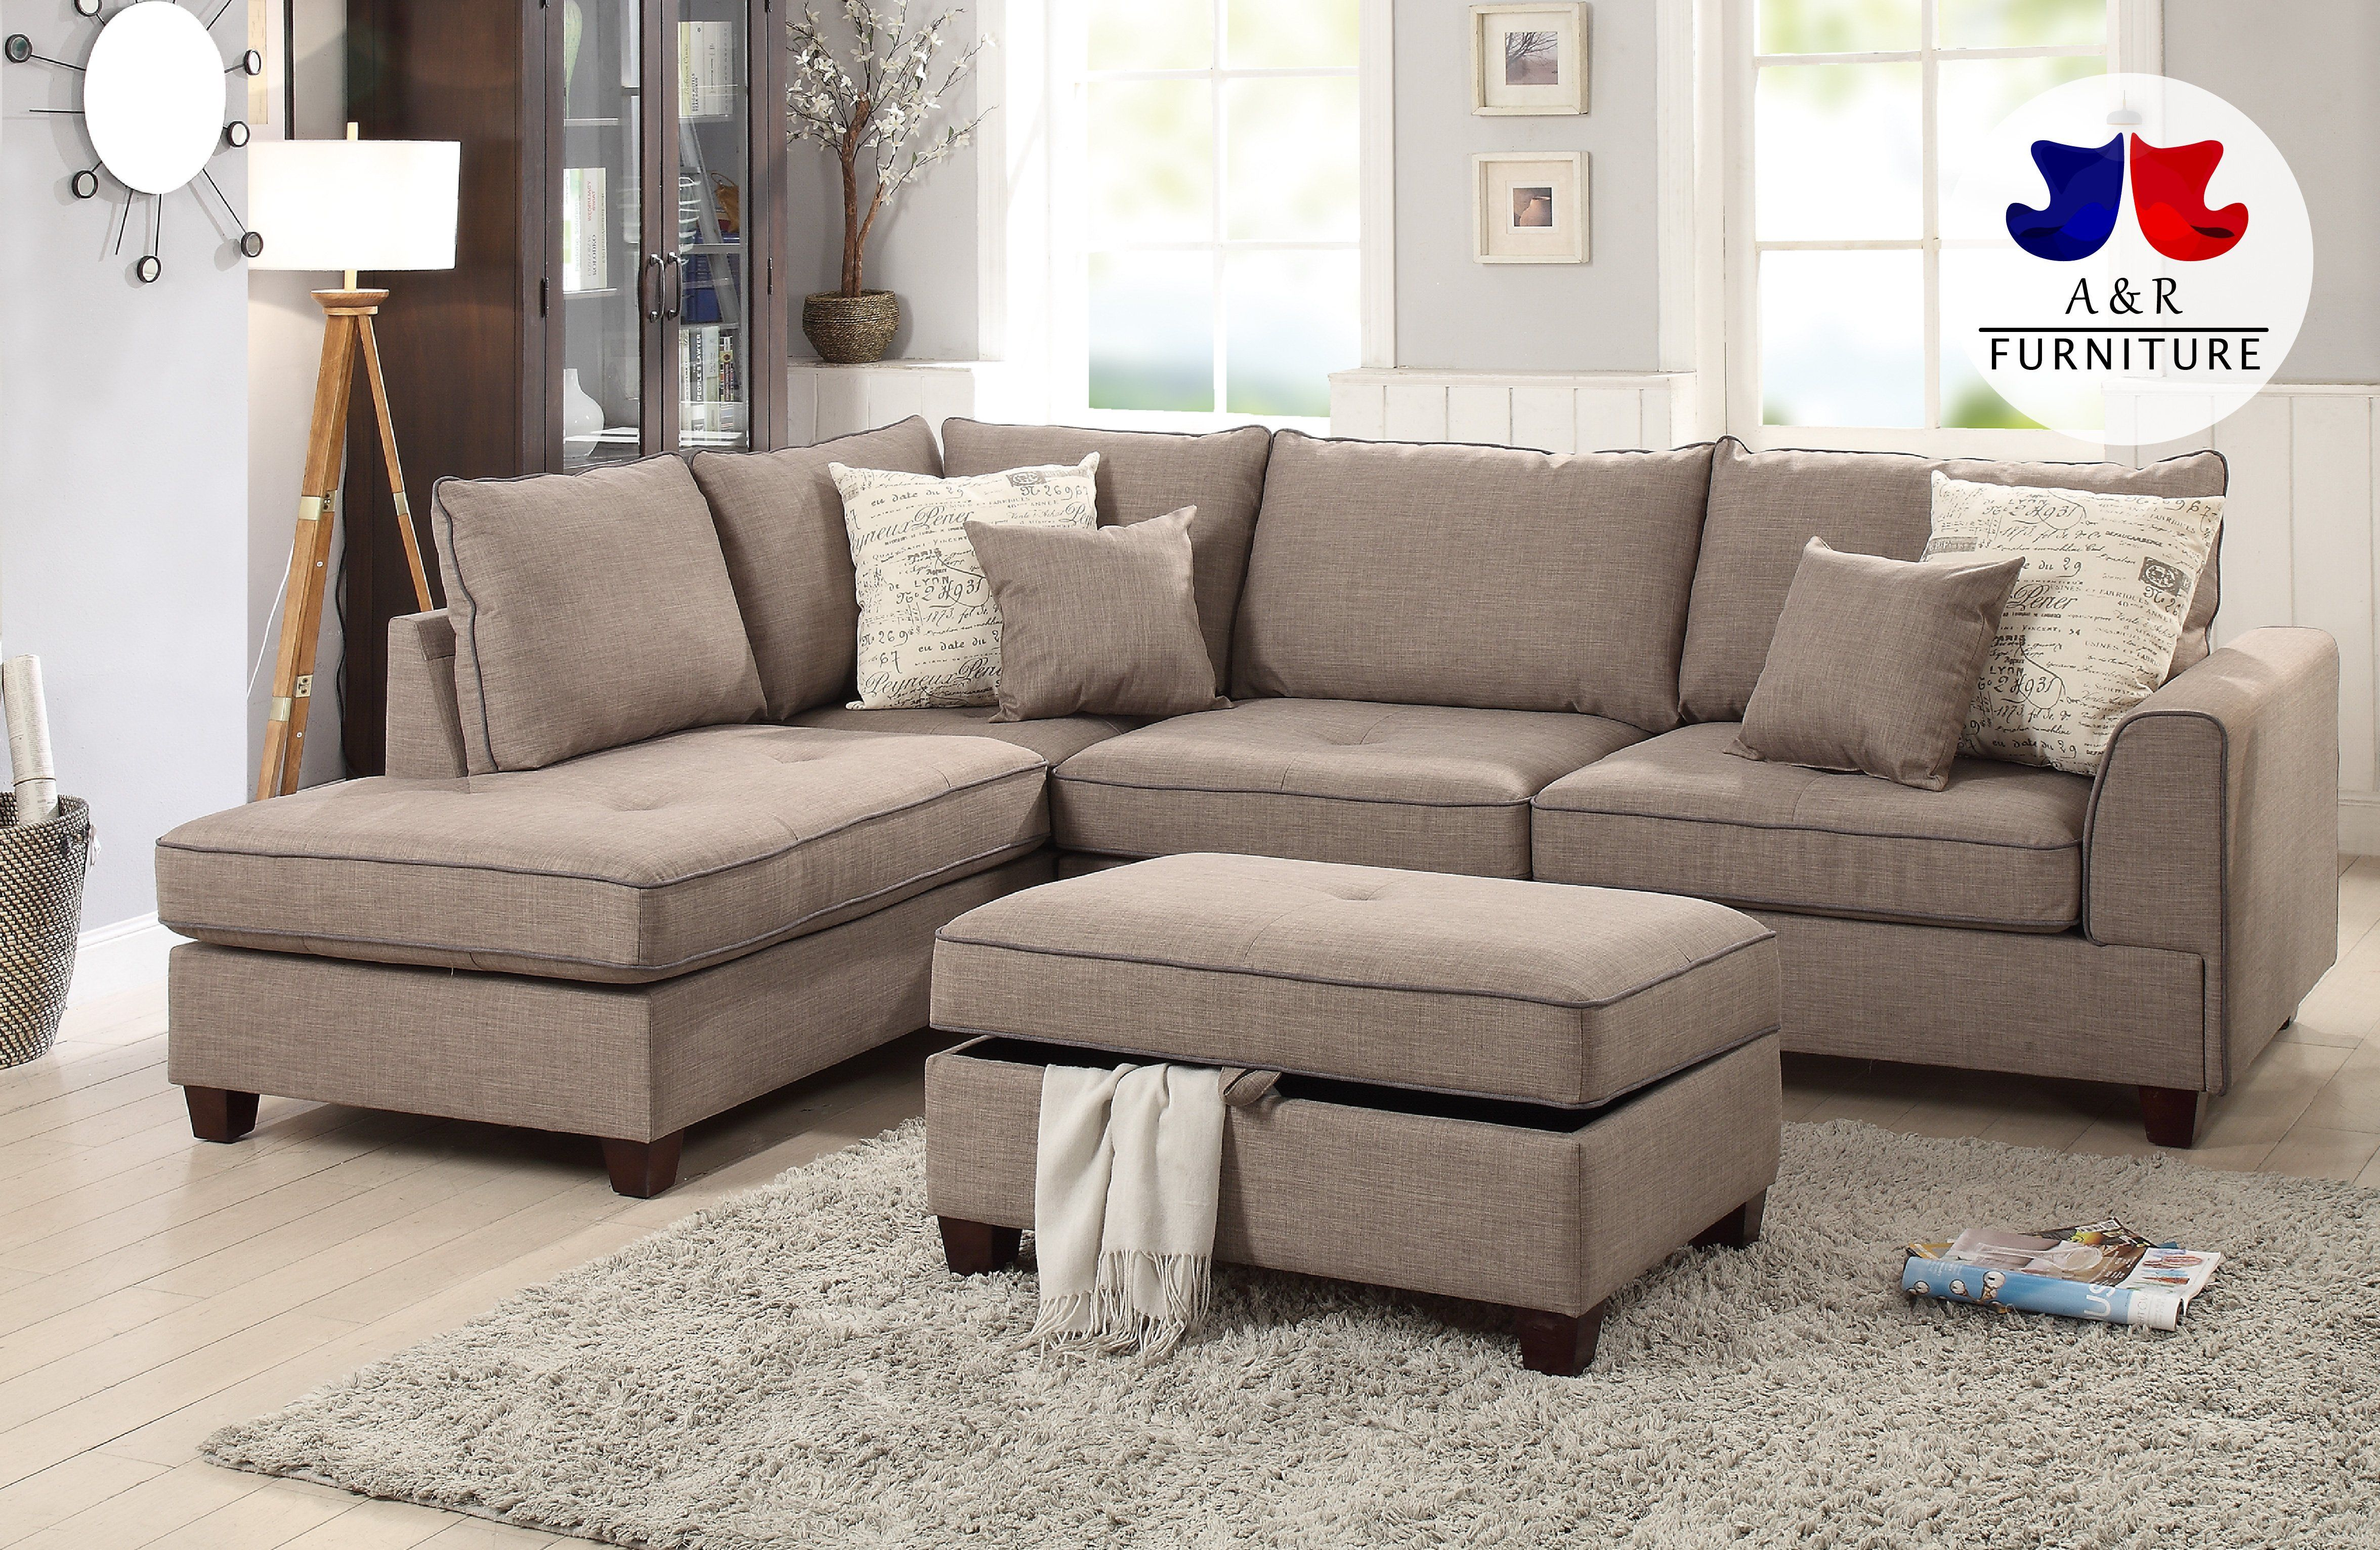 2 Pc Blue Grey Sectional Sofa W Storage Console W Usb Pdx 25